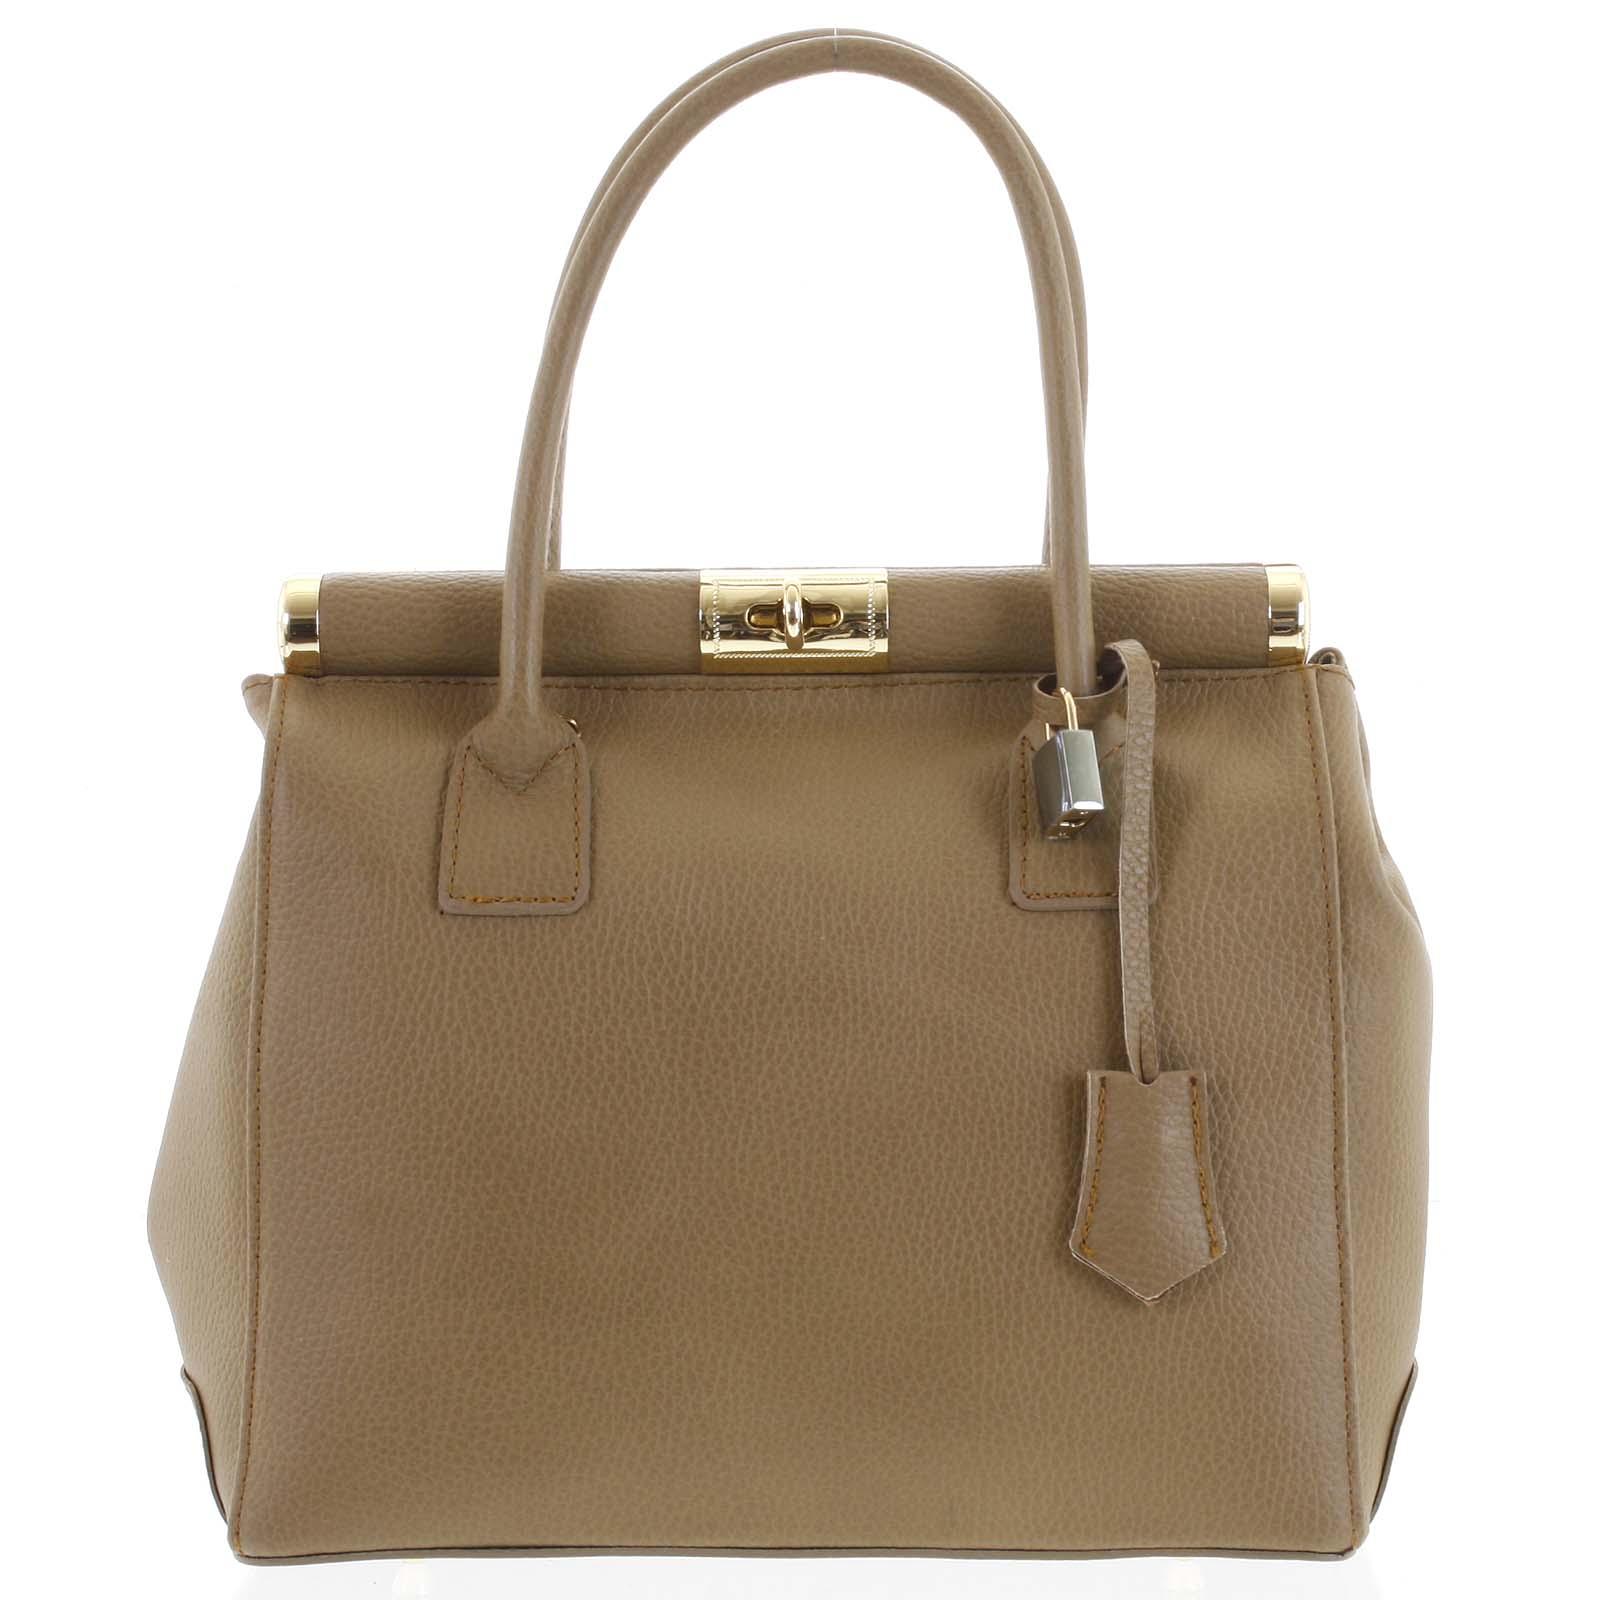 Luxusná dámska kožená kabelka do ruky béžová - ItalY Hyla